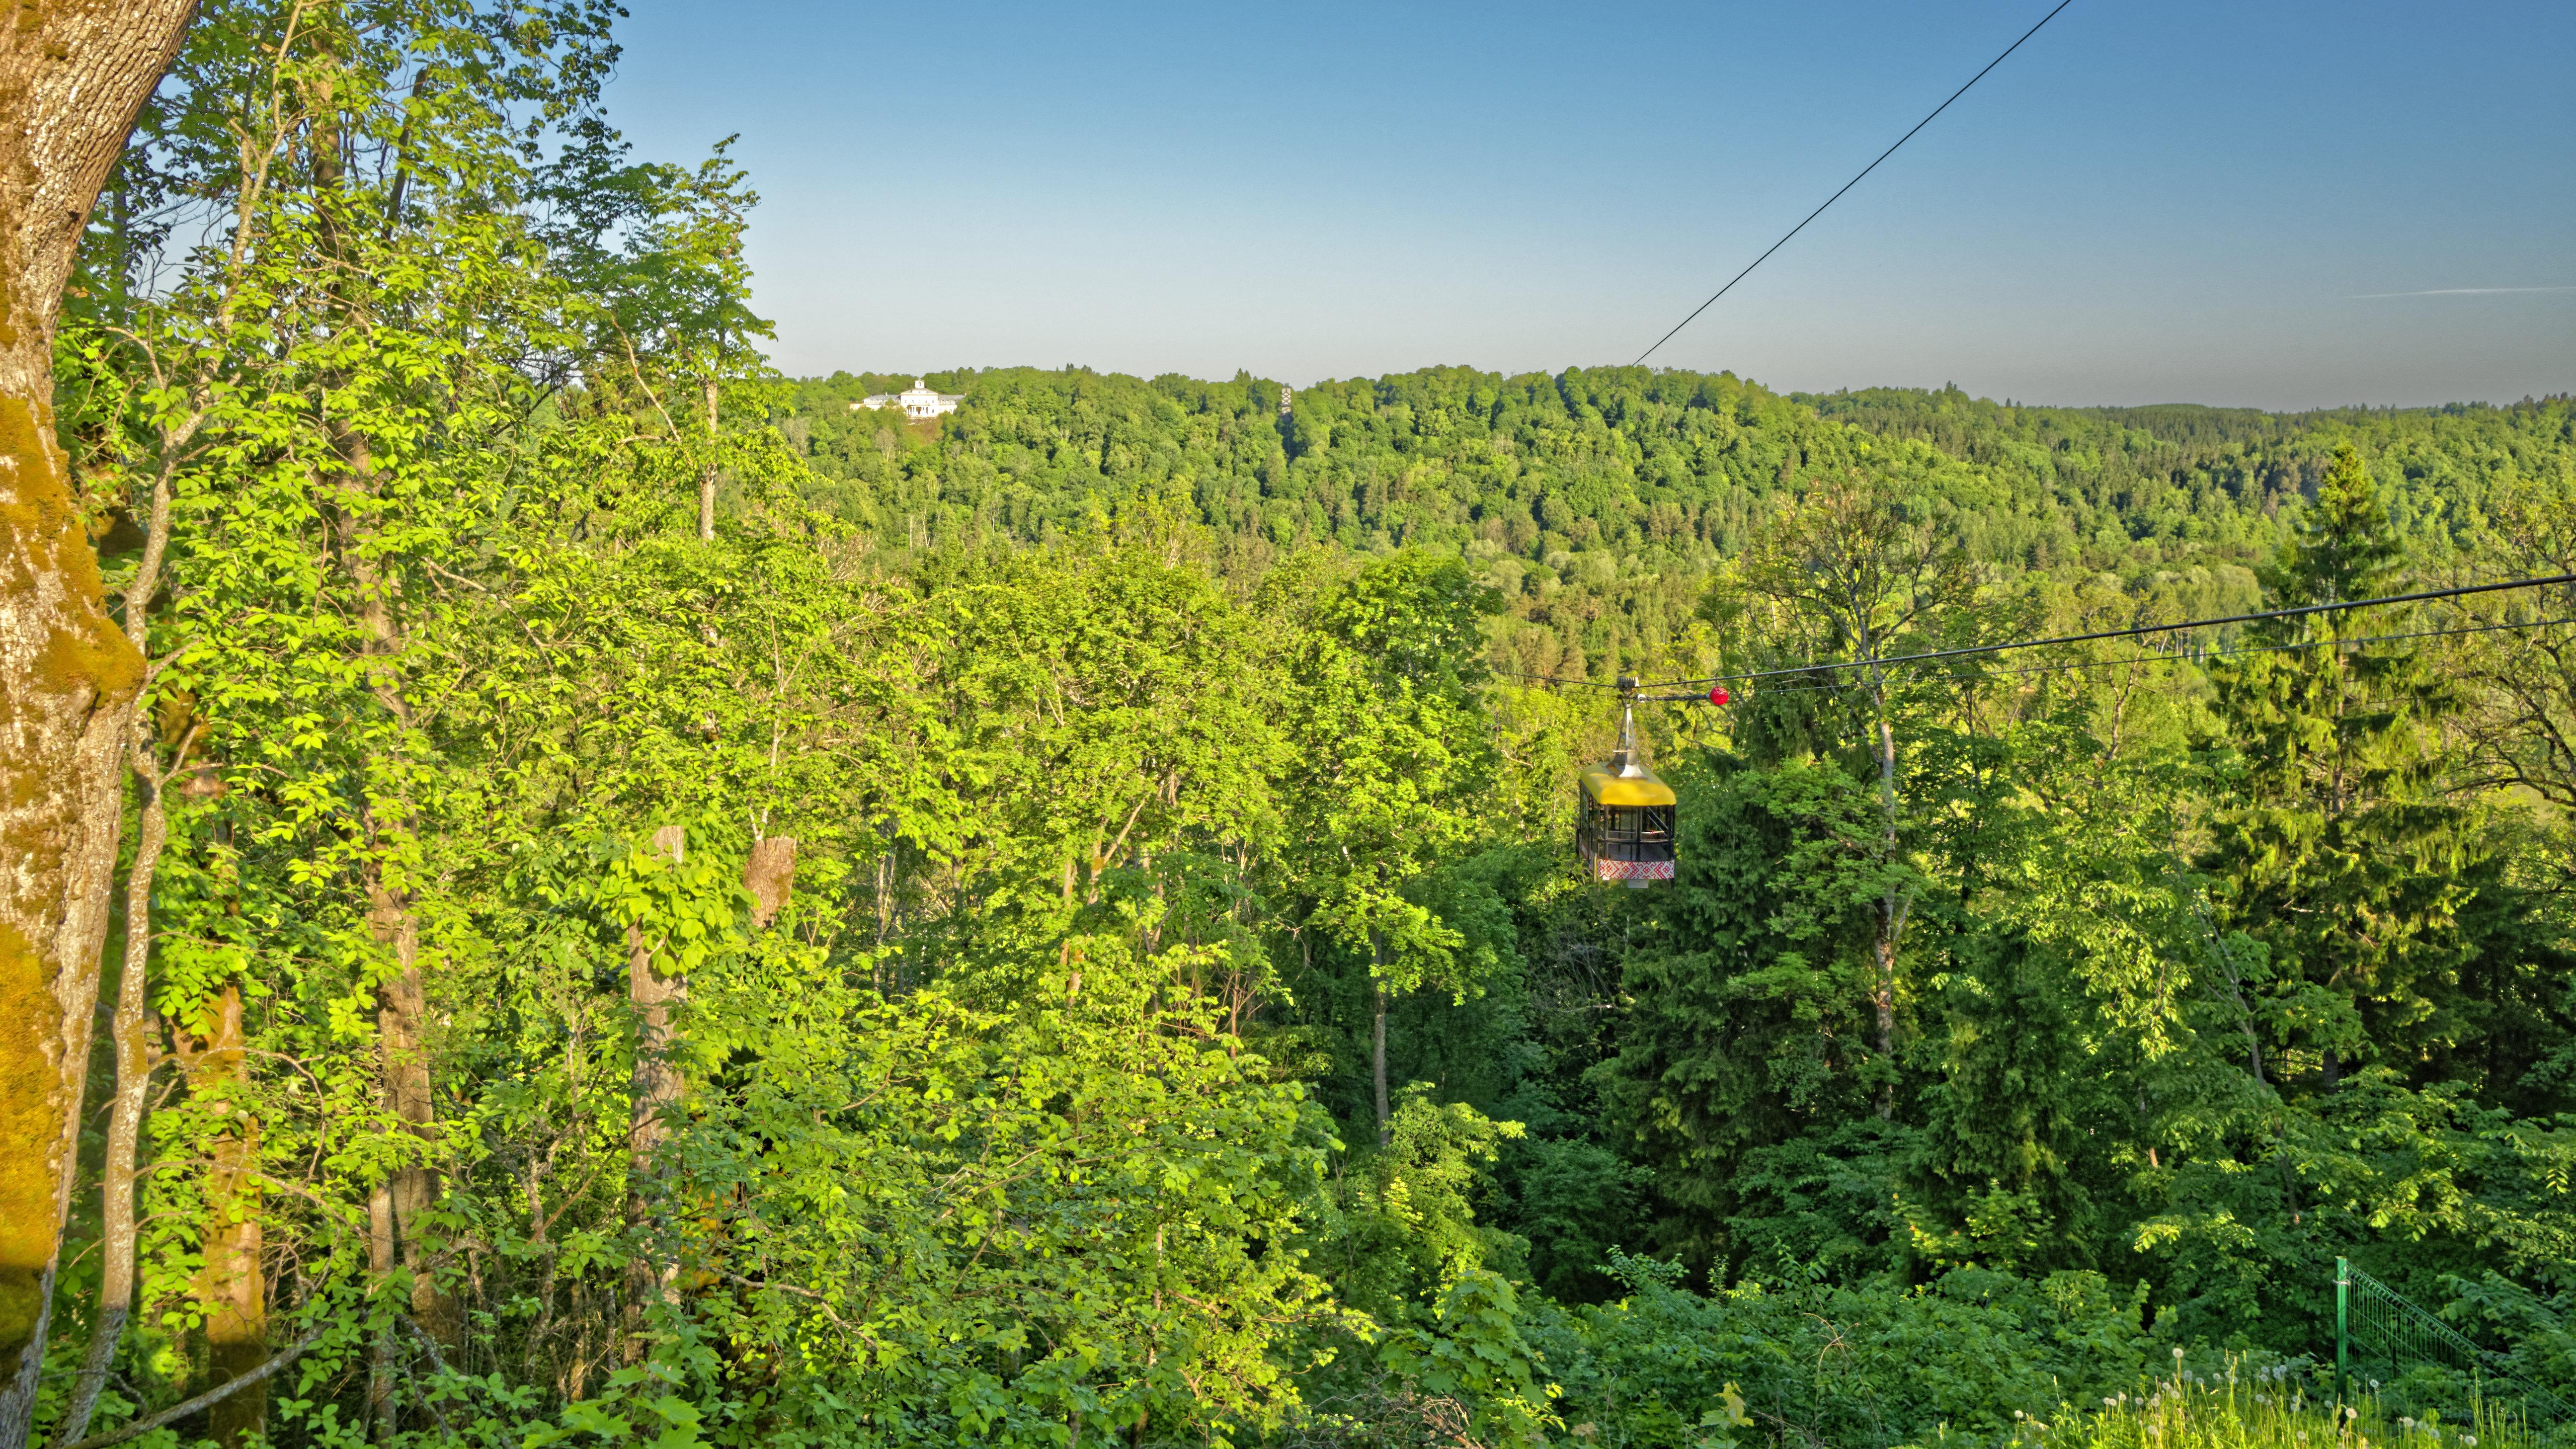 Bild: Die einzige Seilbahn zur Personenbeförderung in Lettland befindet sich in Sigulda. Blick auf Tal der Gauja. Im Hintergrund ist das Schloss Krimulda zu sehen. OLYMPUS OM-D E-M1 Mark II und M.ZUIKO DIGITAL ED 7‑14mm 1:2.8 PRO. ISO 200 ¦ f/5.6¦ 7 mm ¦ 1/500 s ¦ kein Blitz Klicken Sie auf das Bild um es zu vergrößern.